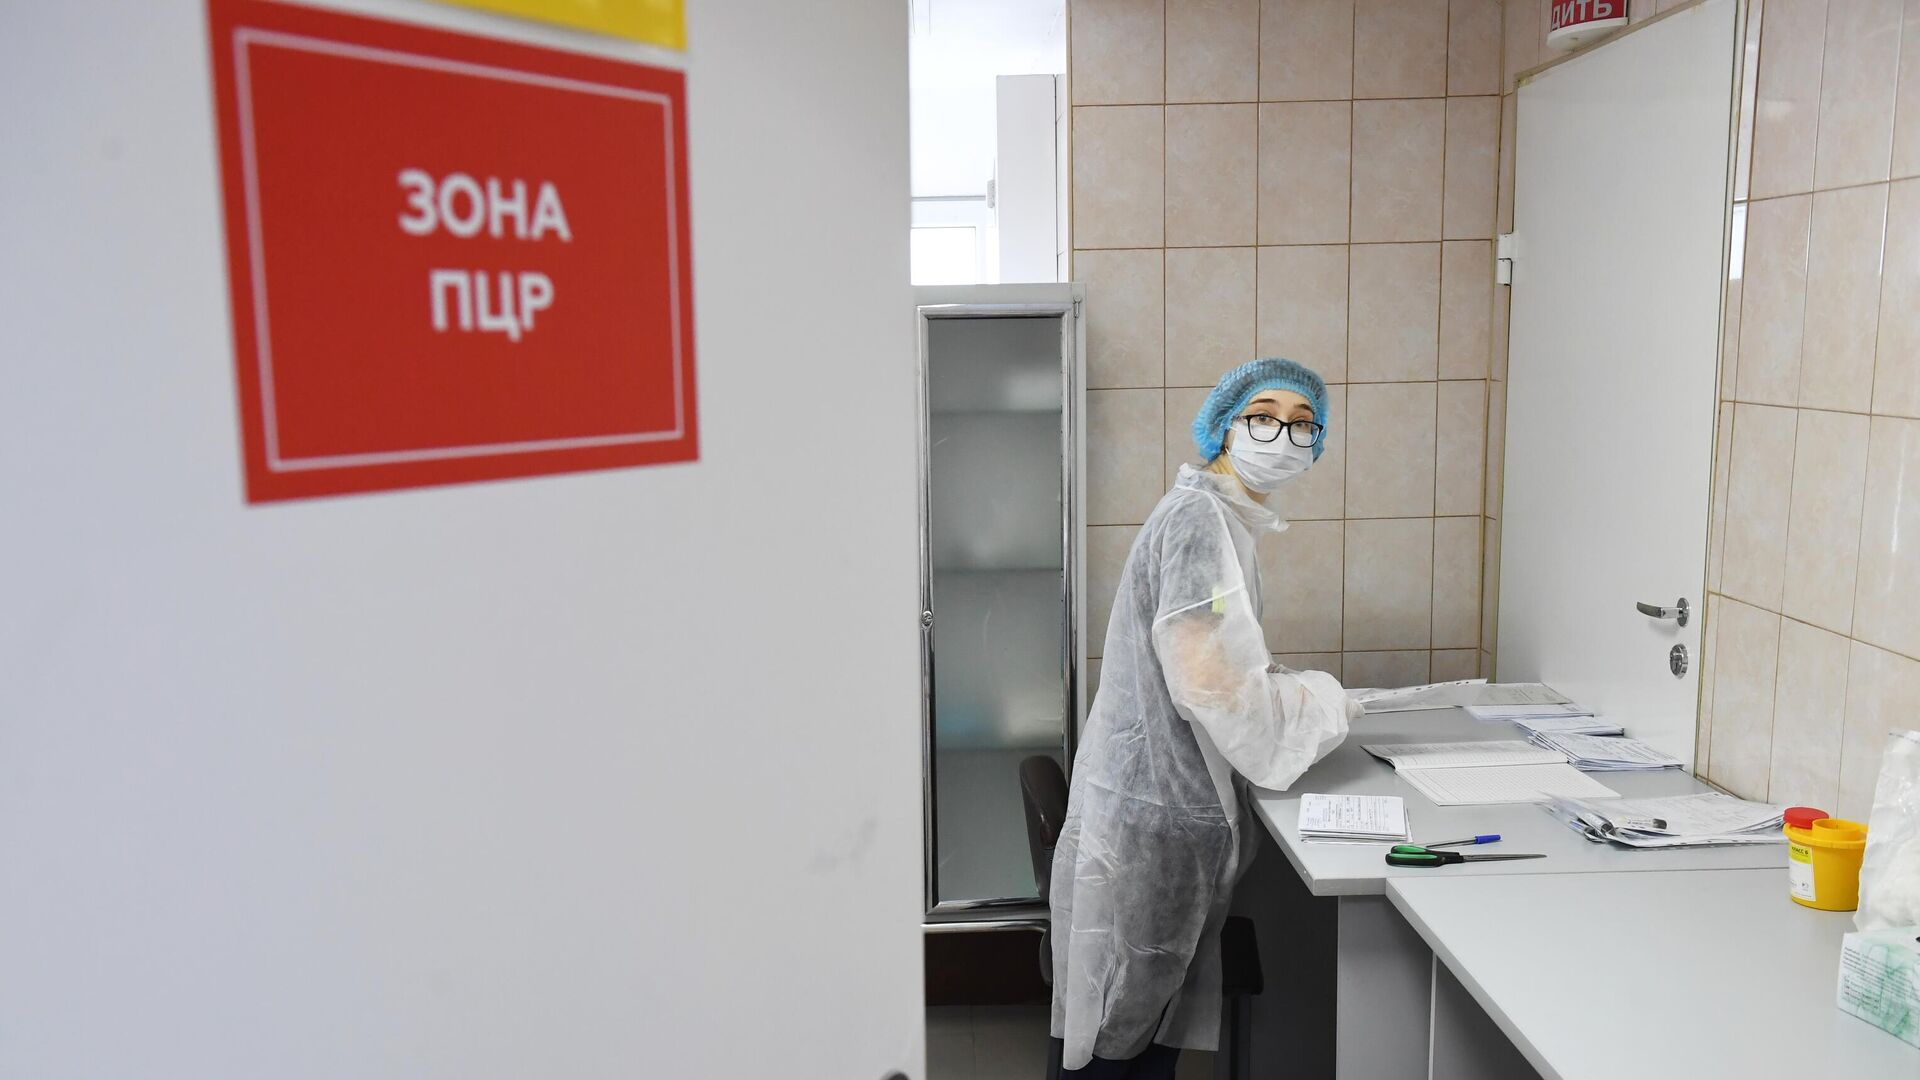 Кабинет в городской клинической больнице имени Е. О. Мухина - РИА Новости, 1920, 22.07.2021